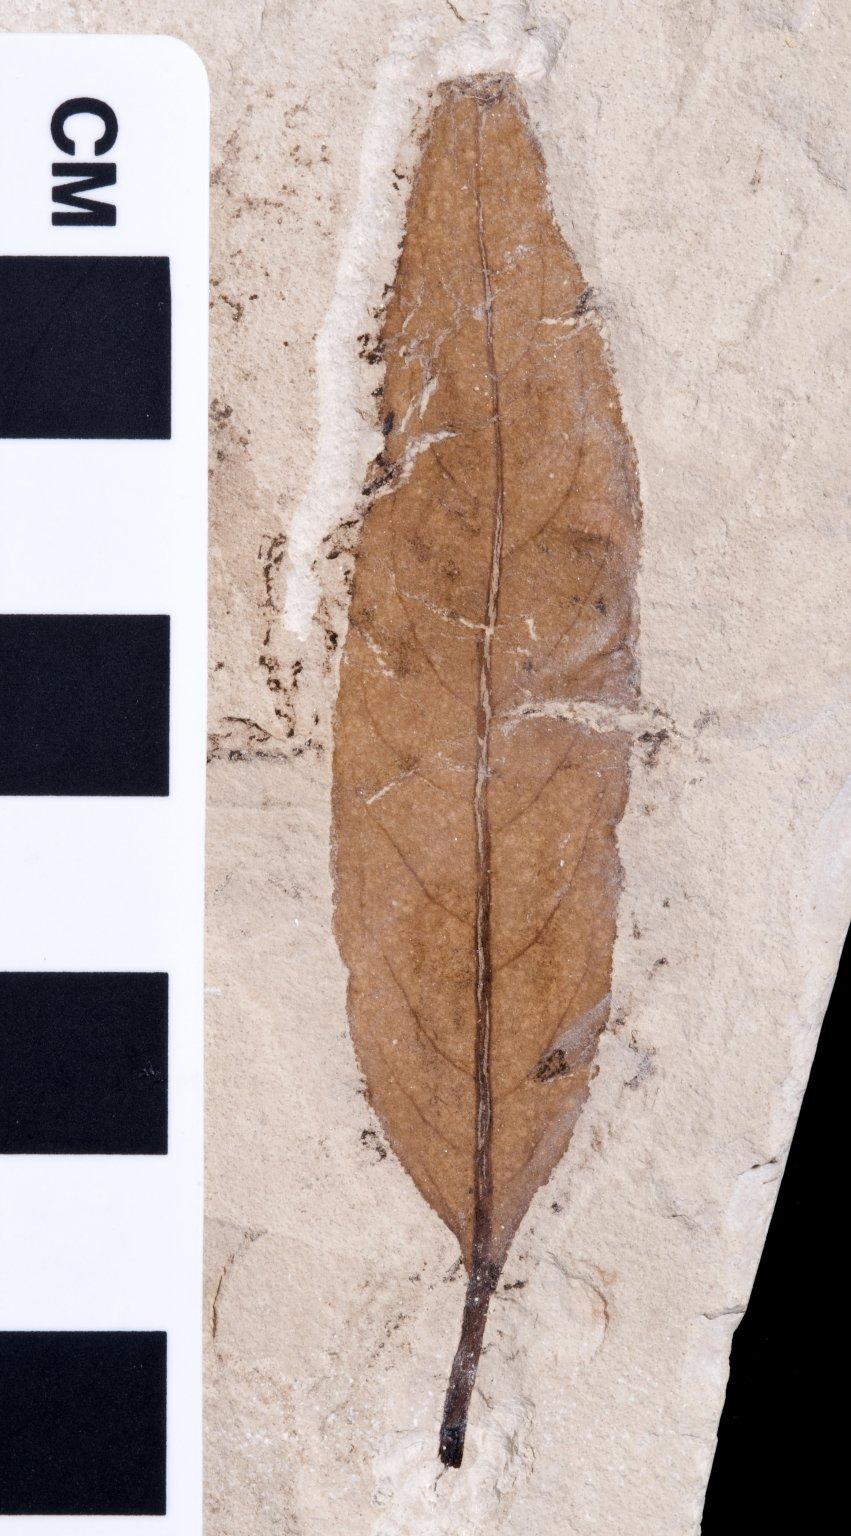 PC093 - leaf